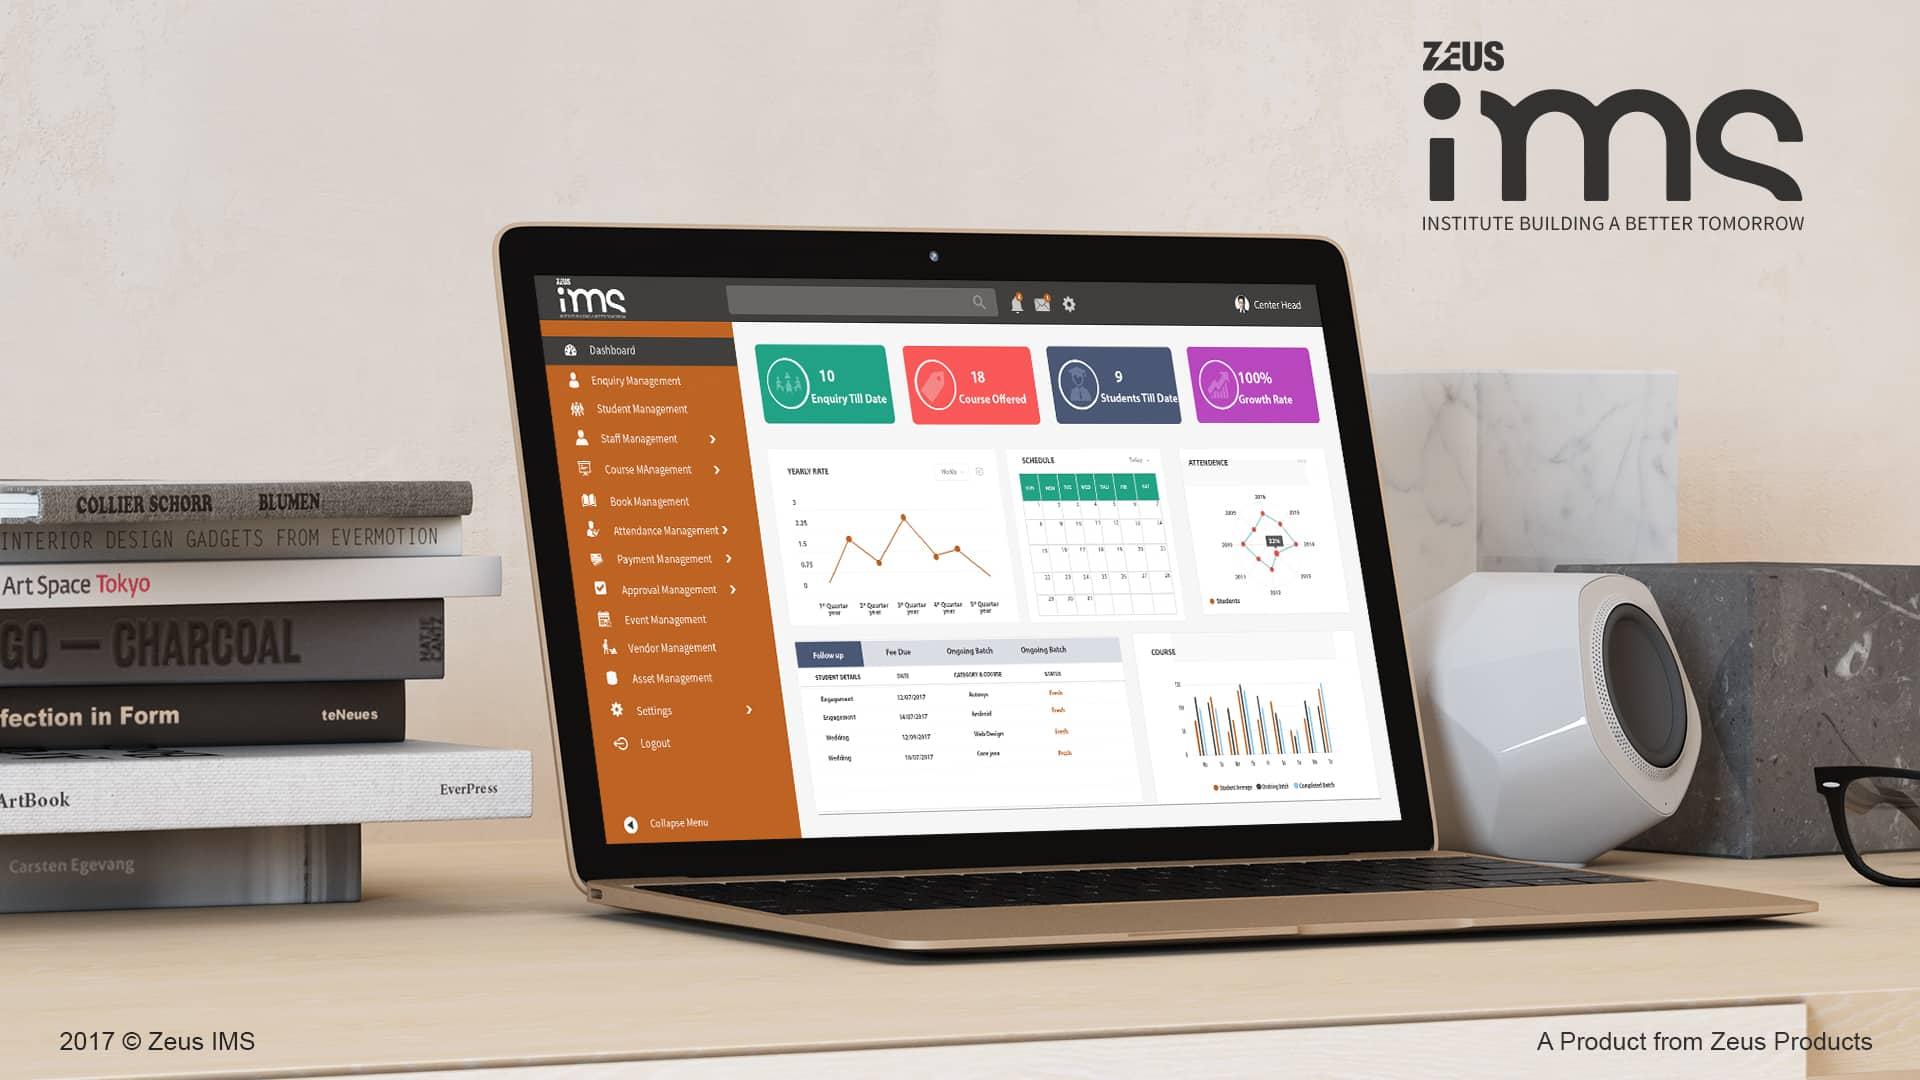 Zeus IMS Mock up CRM Tools